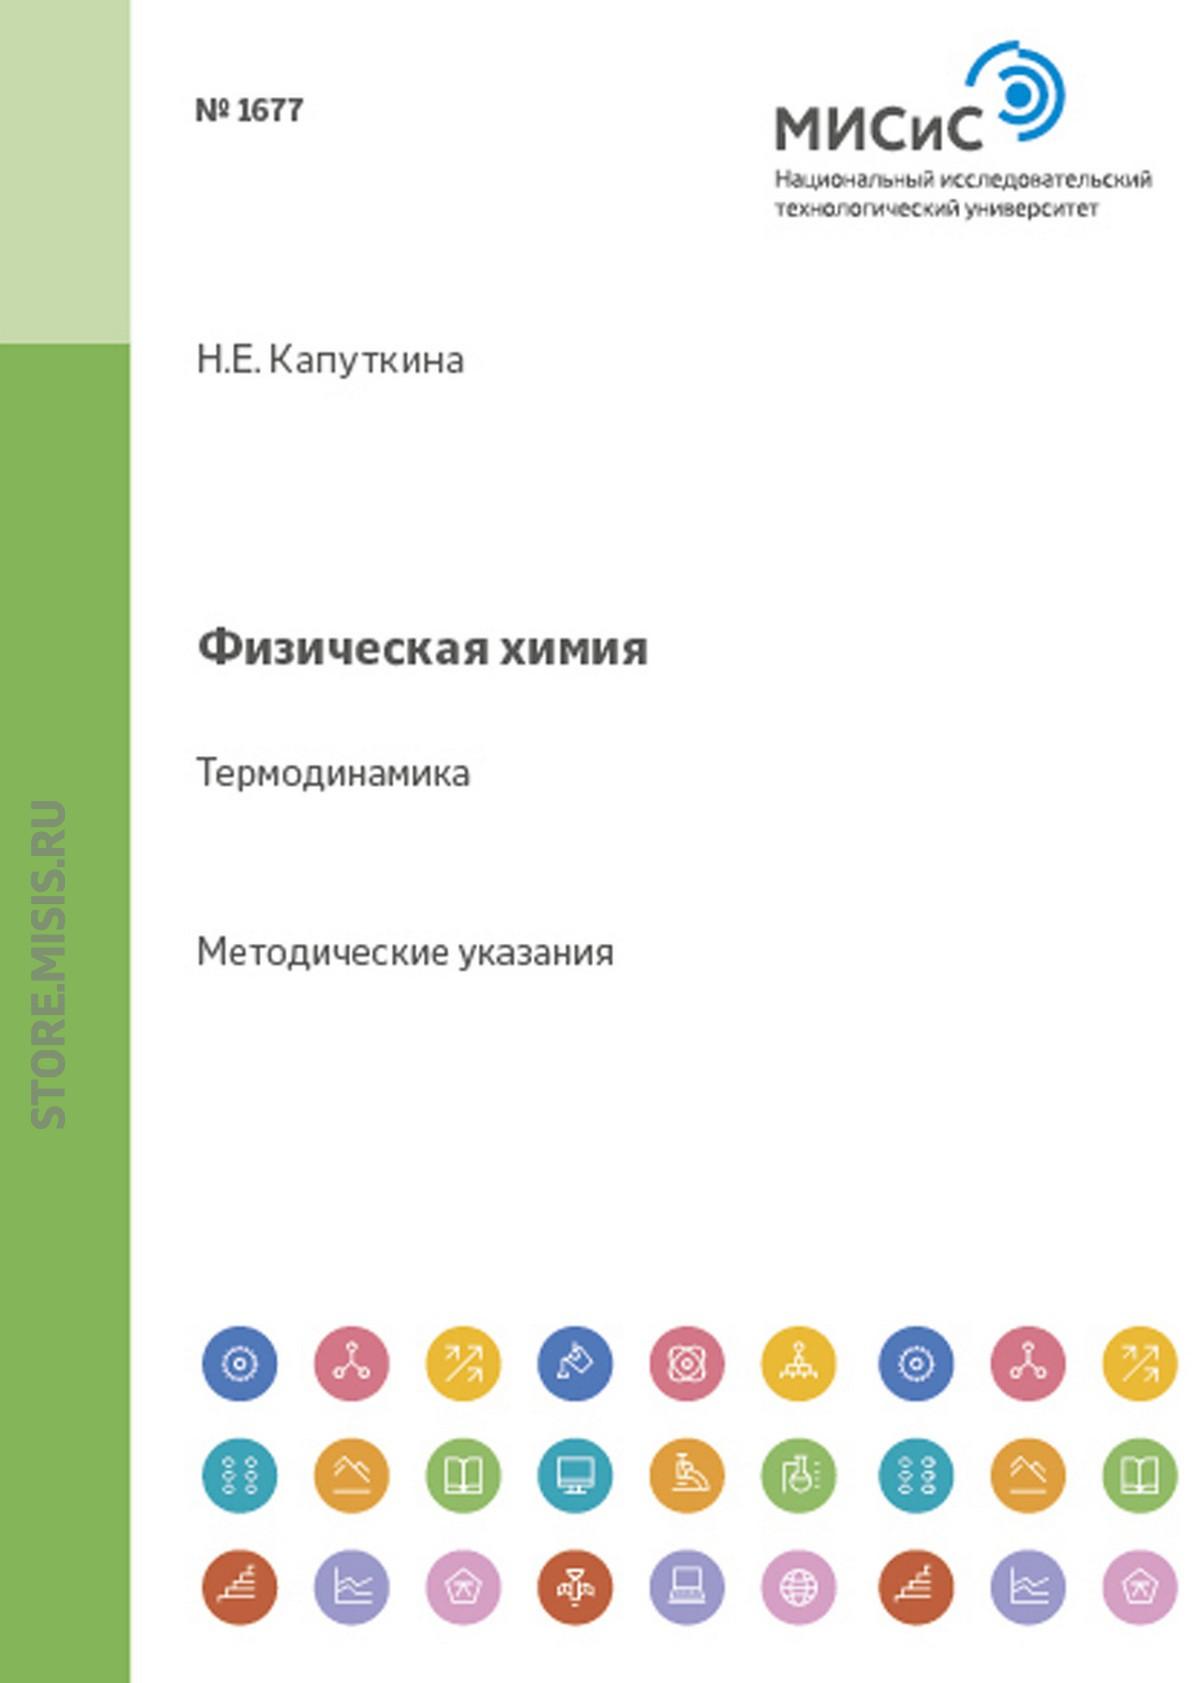 Наталия Капуткина Физическая химия. Термодинамика